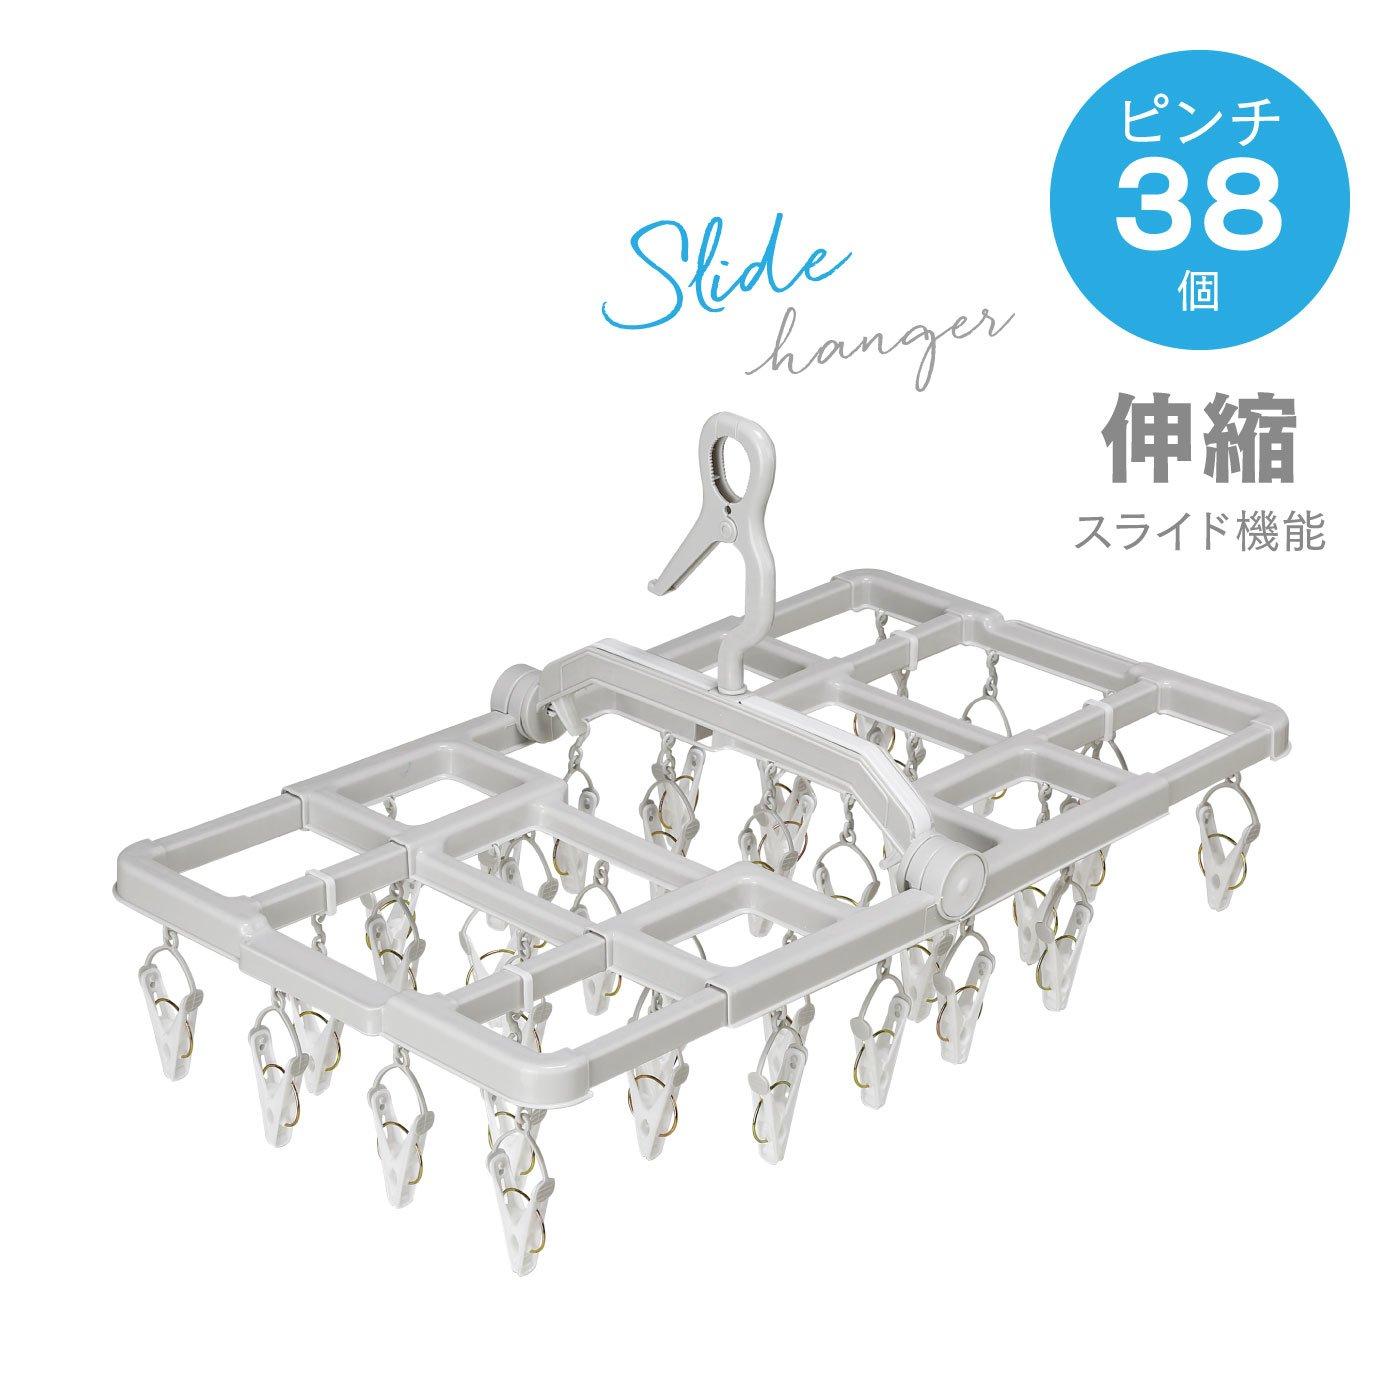 洗濯物を引っ張るだけでらくらく取り入れ! 伸縮するBEILUスライドハンガー38P